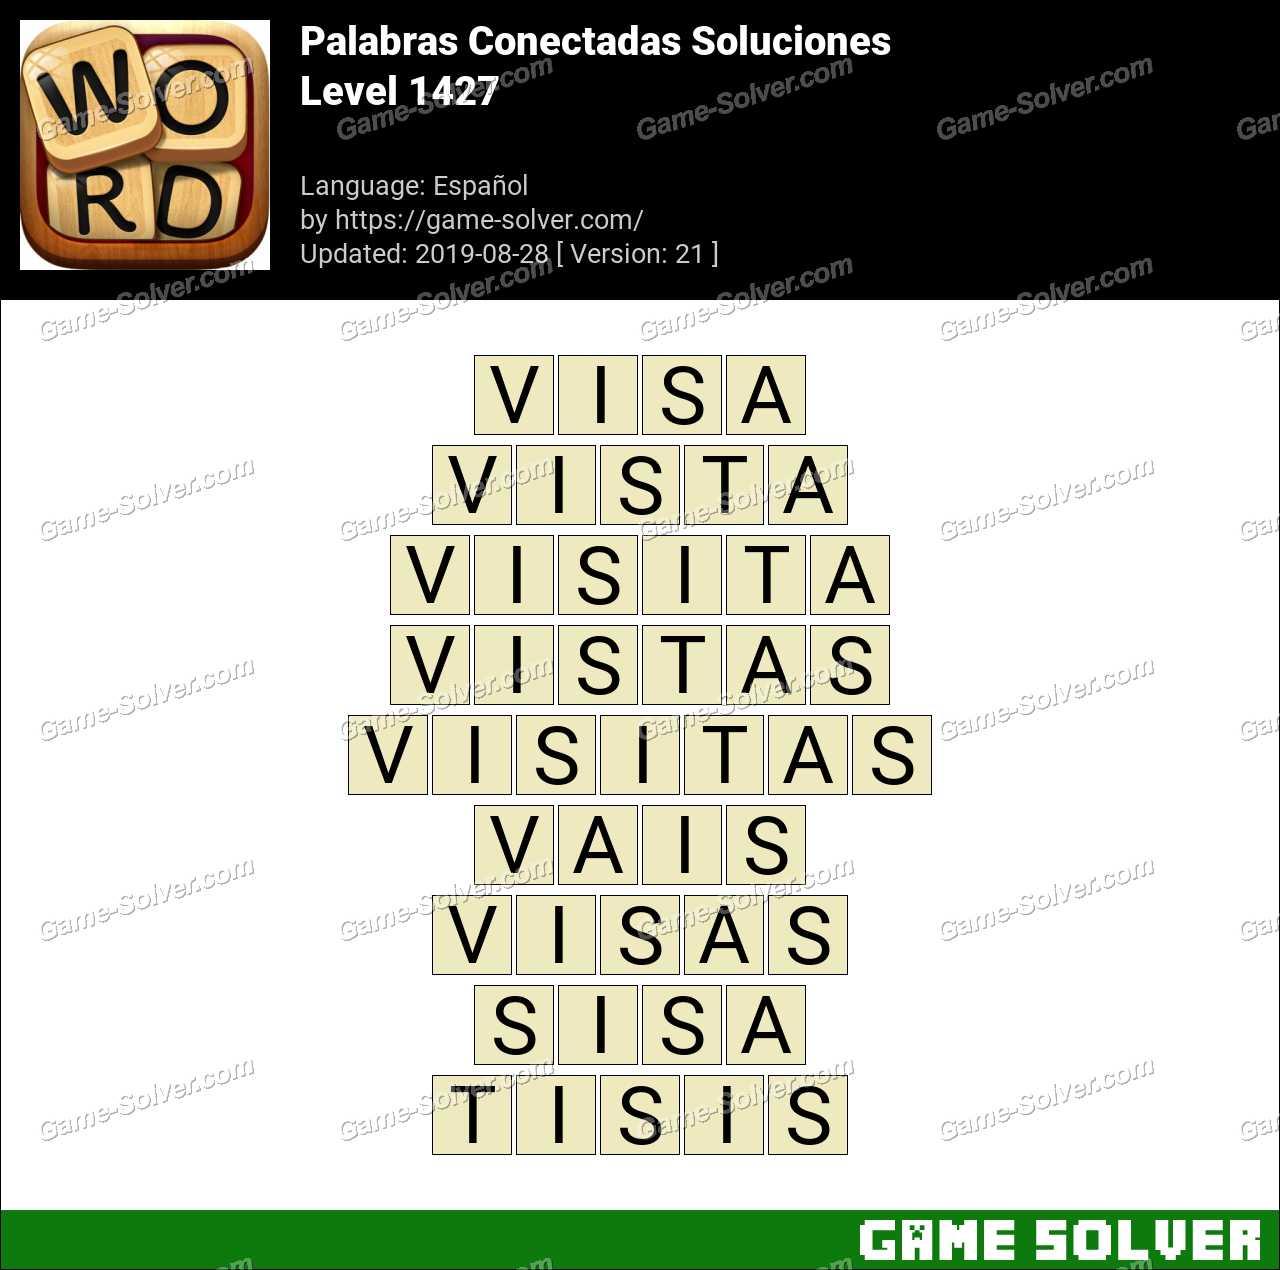 Palabras Conectadas Nivel 1427 Soluciones